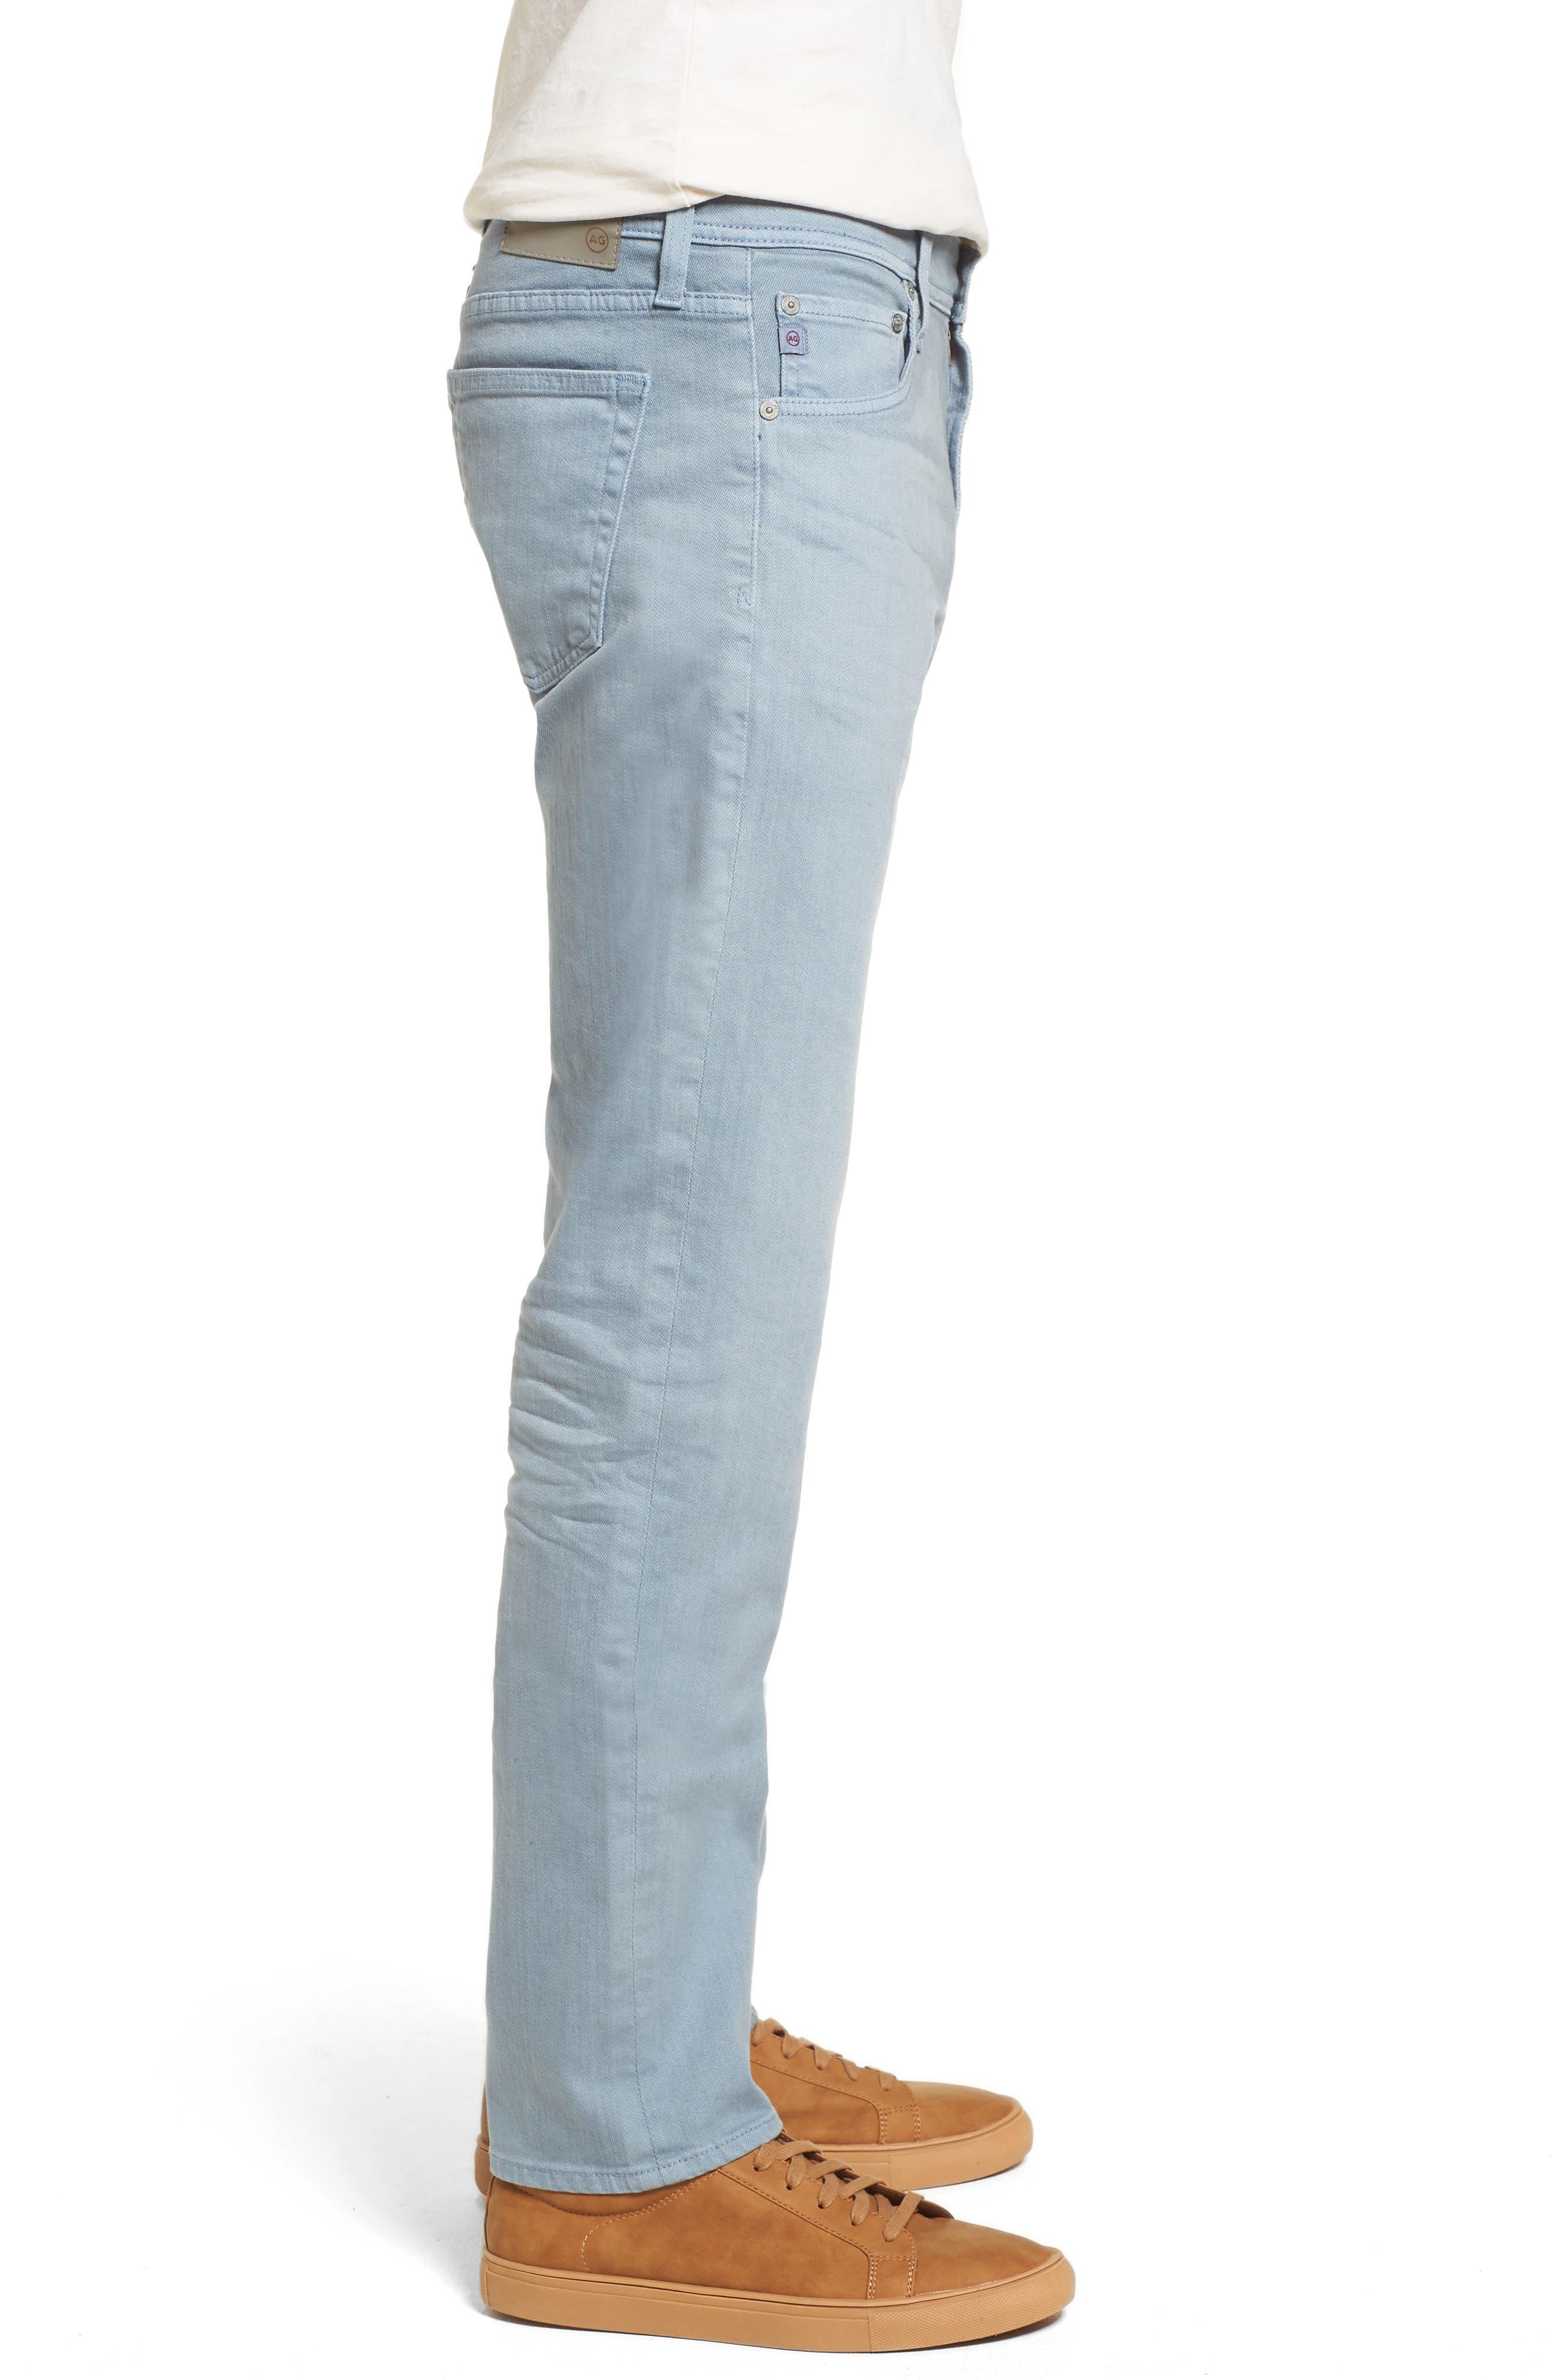 Tellis Slim Fit Jeans,                             Alternate thumbnail 3, color,                             7 Years Ocean Mist